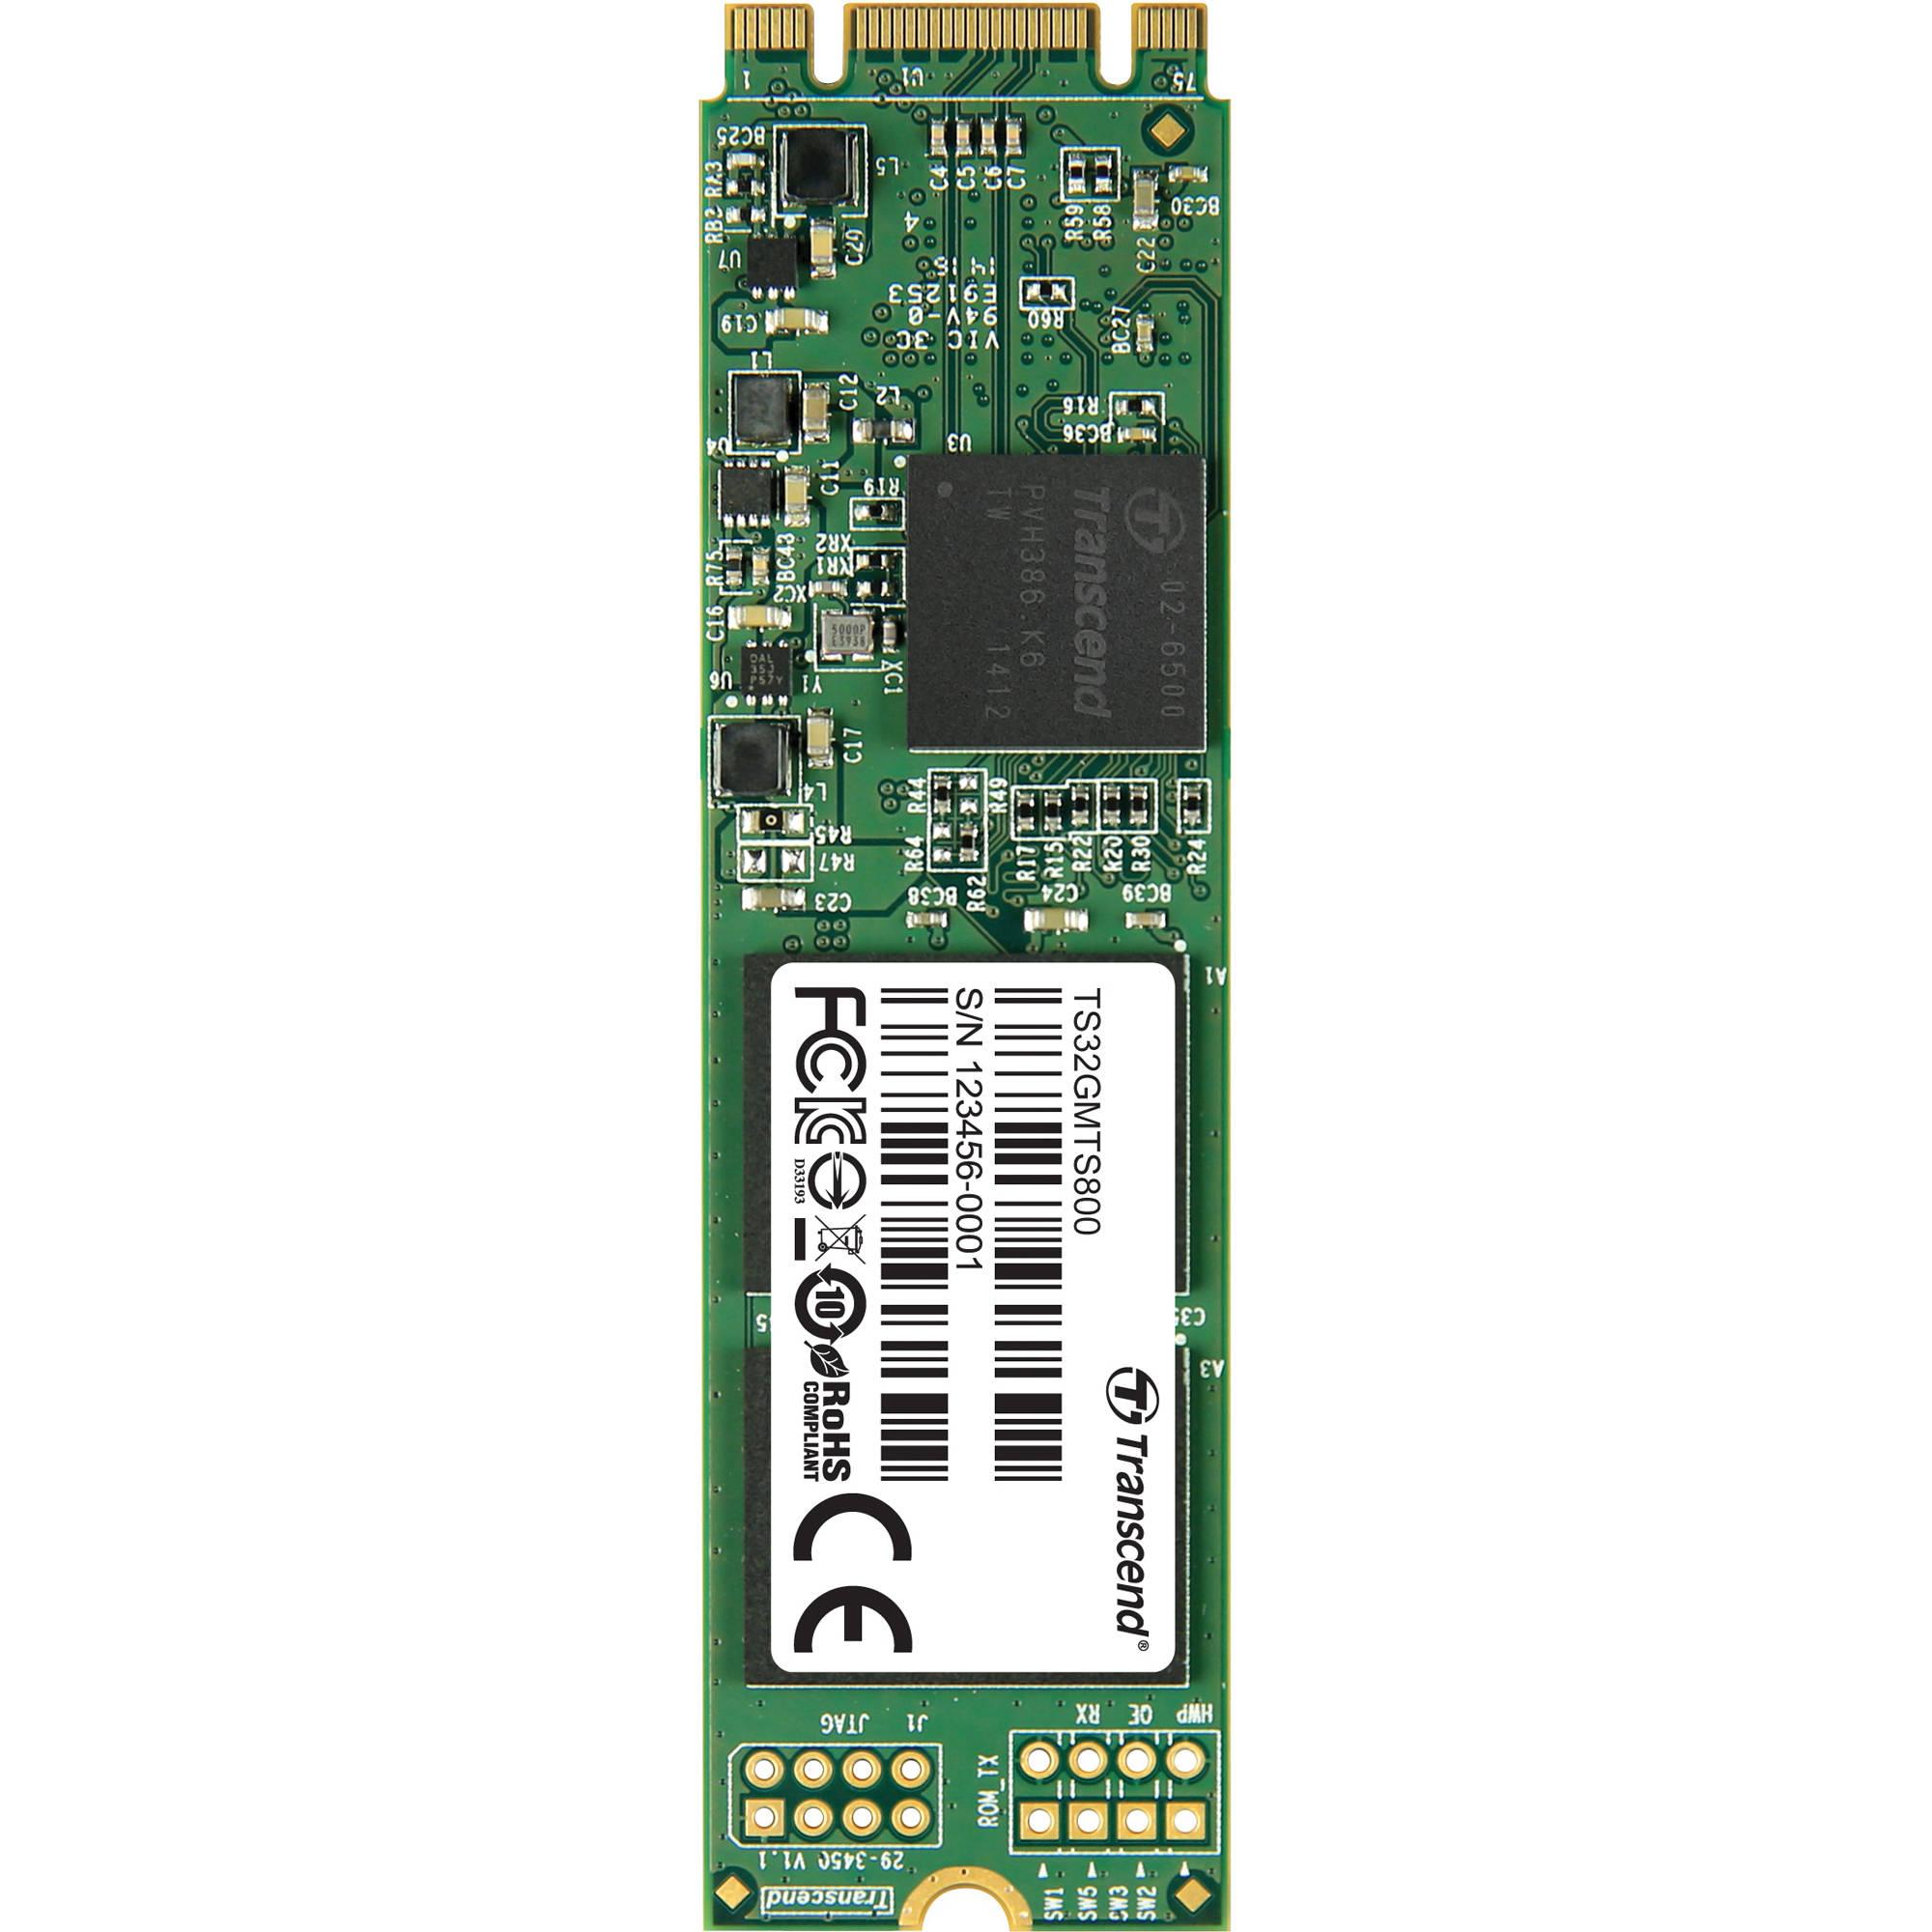 TRANSCEND MTS800 32GB SSD disk M.2, SATA III (MLC)